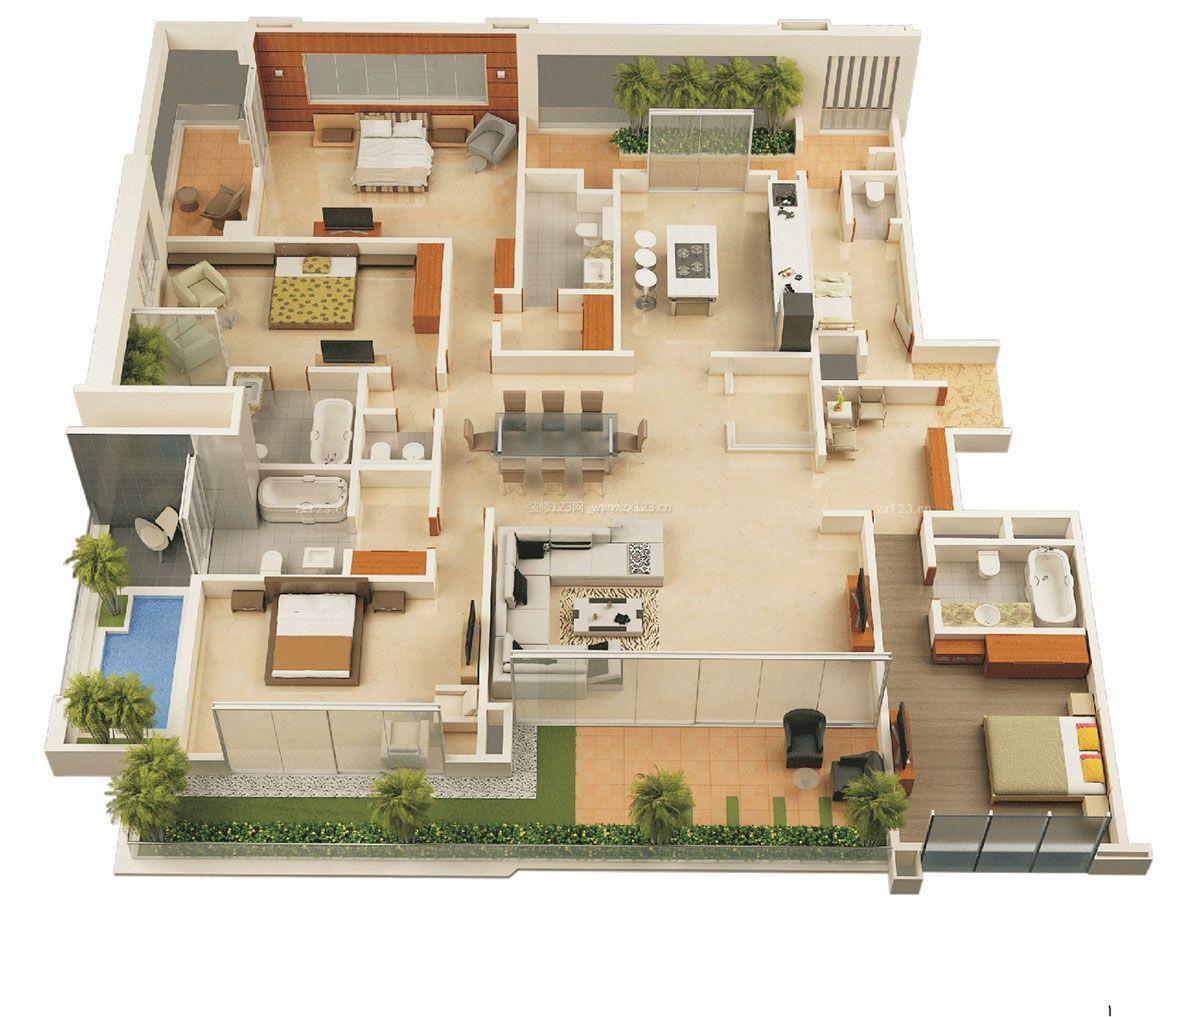 大型私人别墅房屋设计平面图大全_装修123效果图